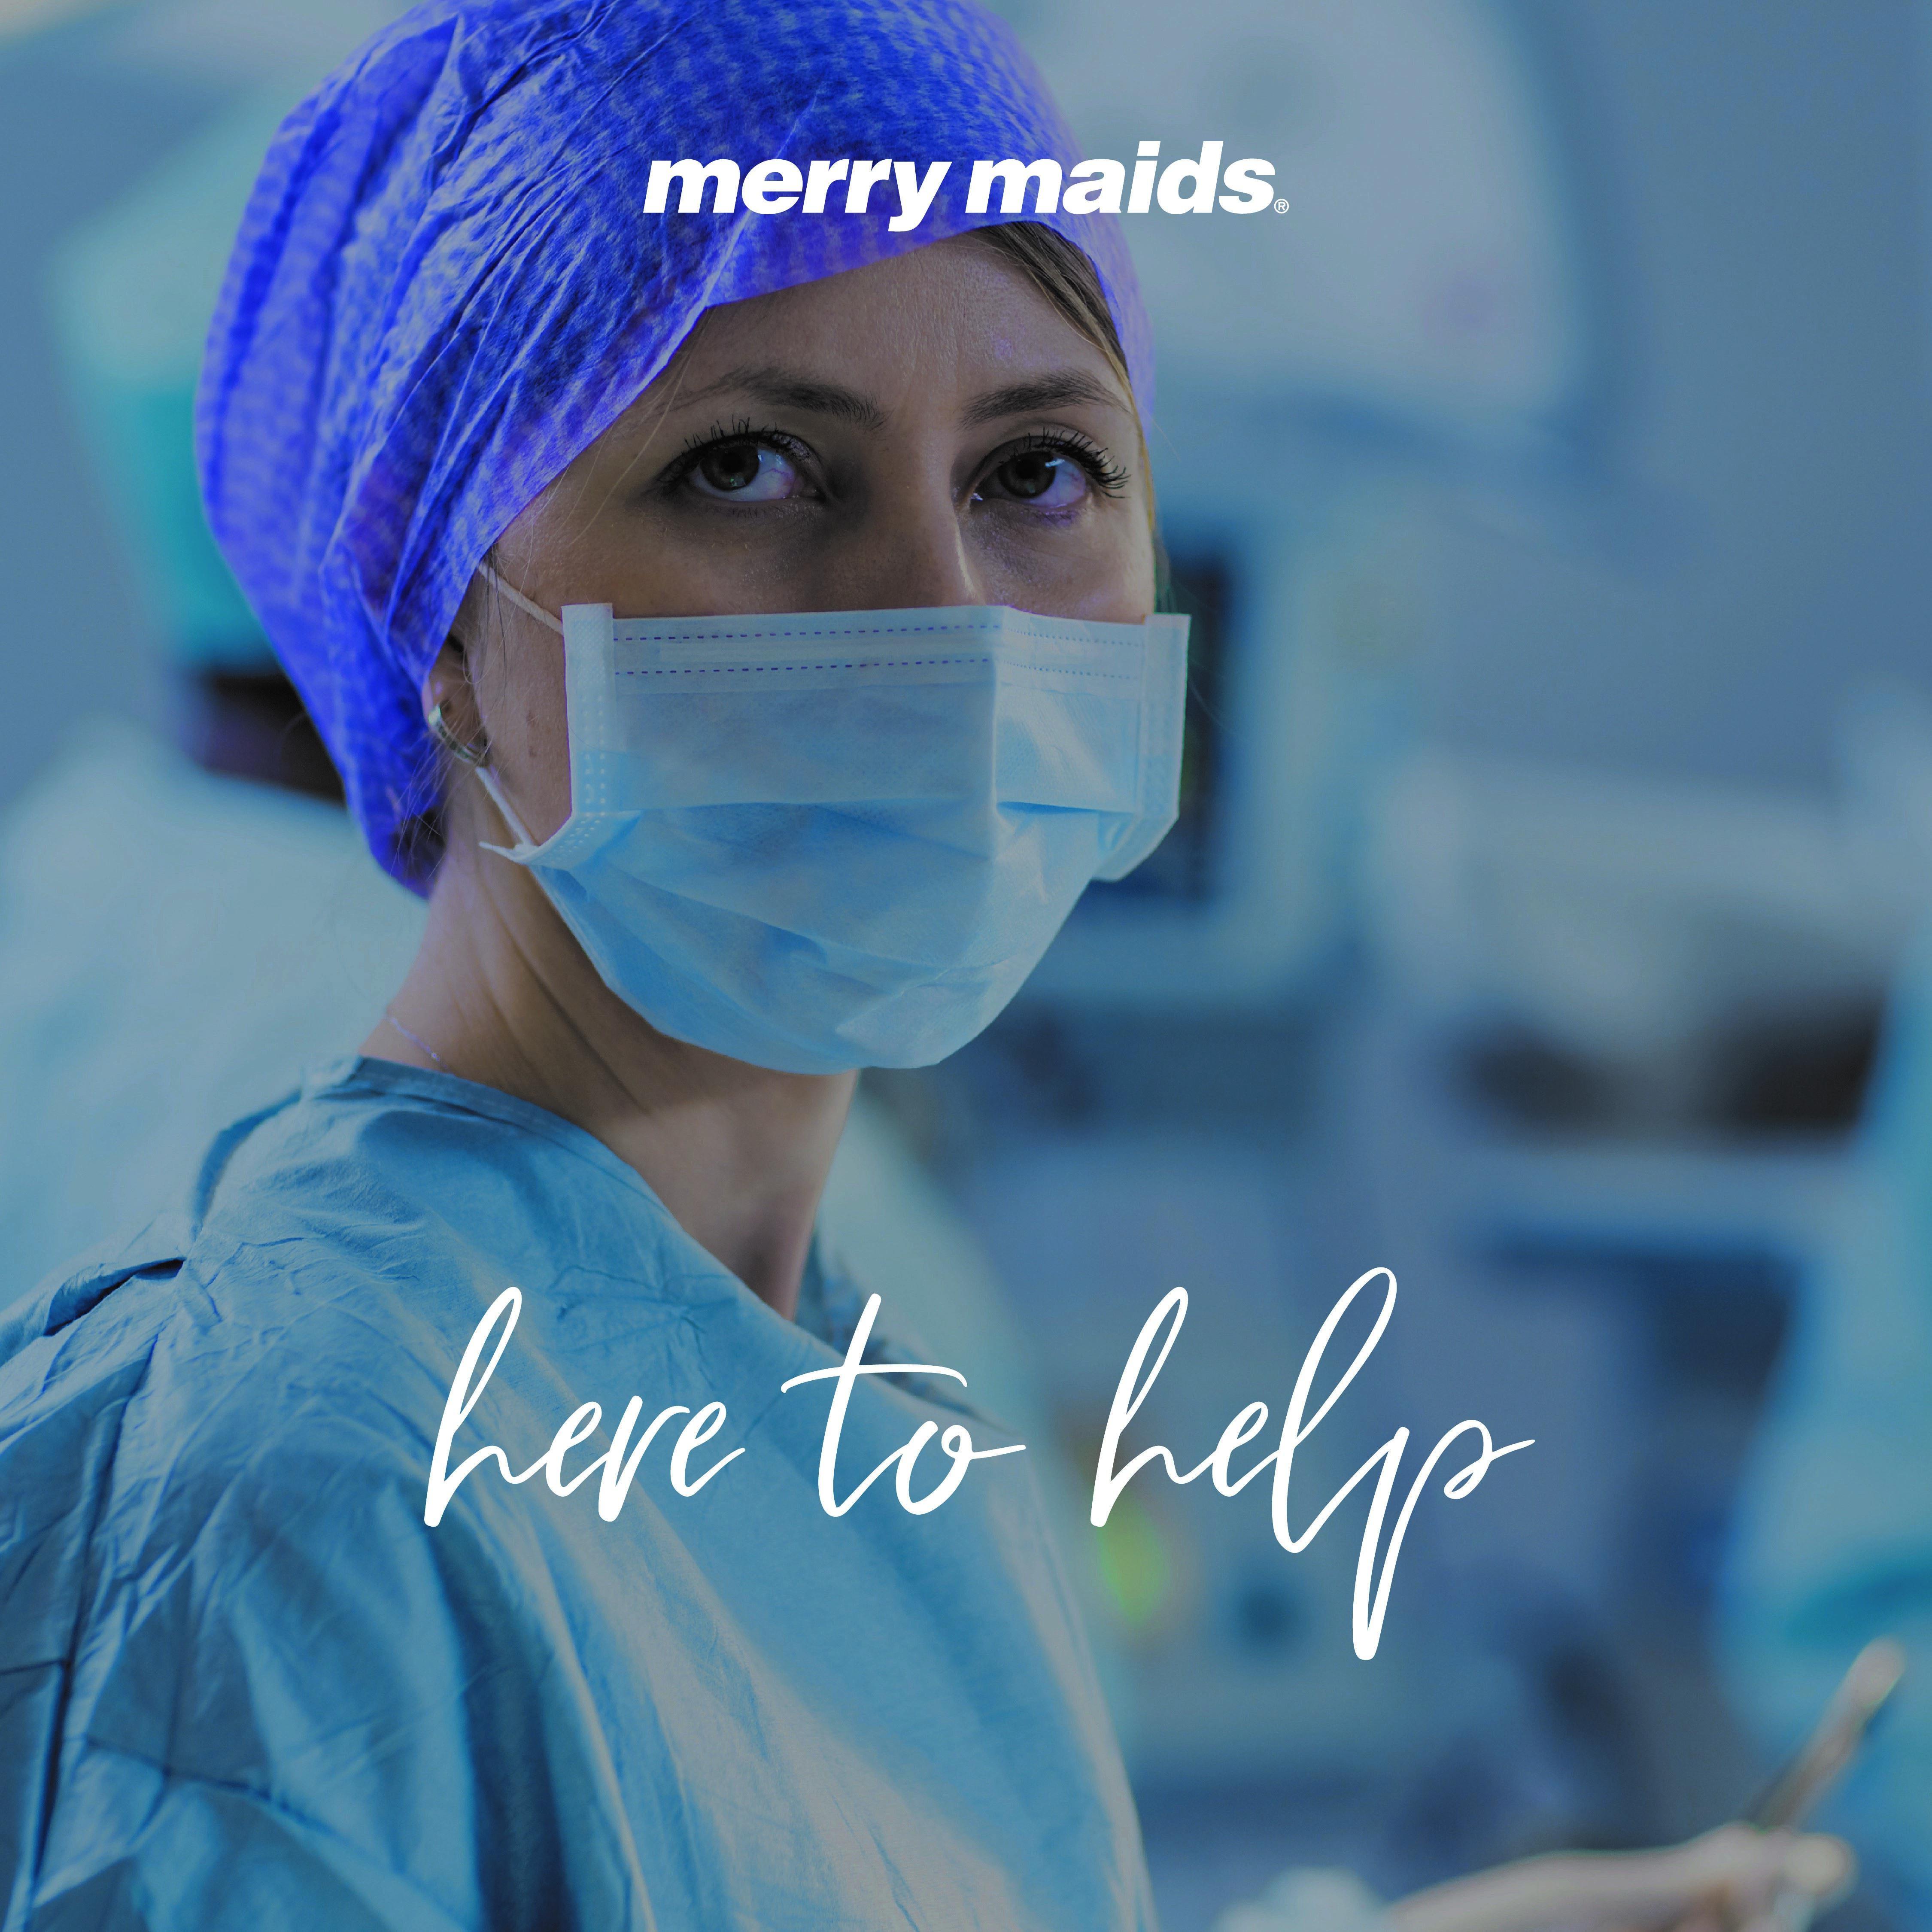 nurse wearing face mask